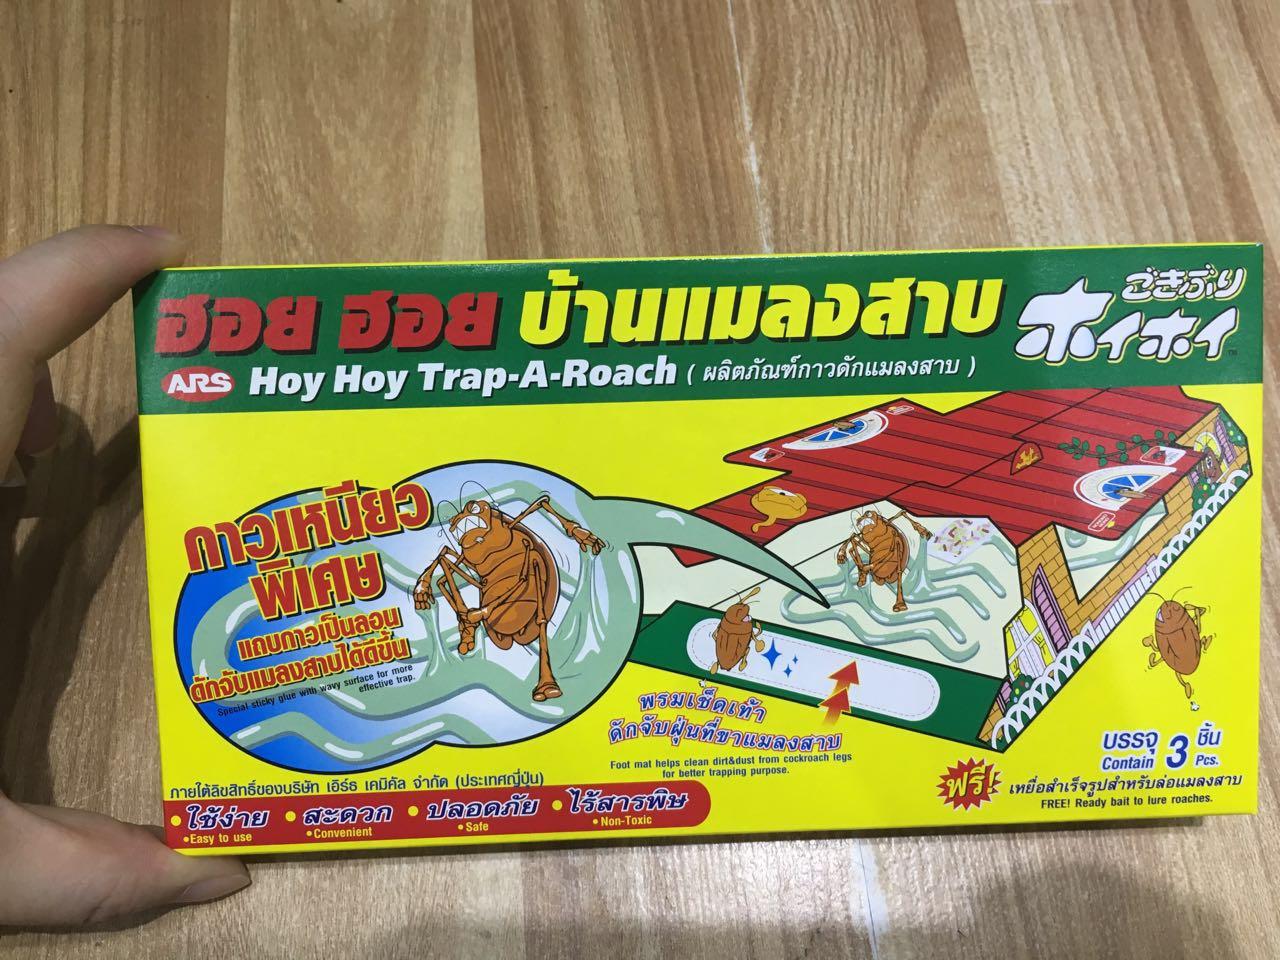 Таиланд небольшой сильный таракан дом таракан улов задвижка устройство паста уничтожить убить таракан медицина клей приманка порошок домой все гнездо конец